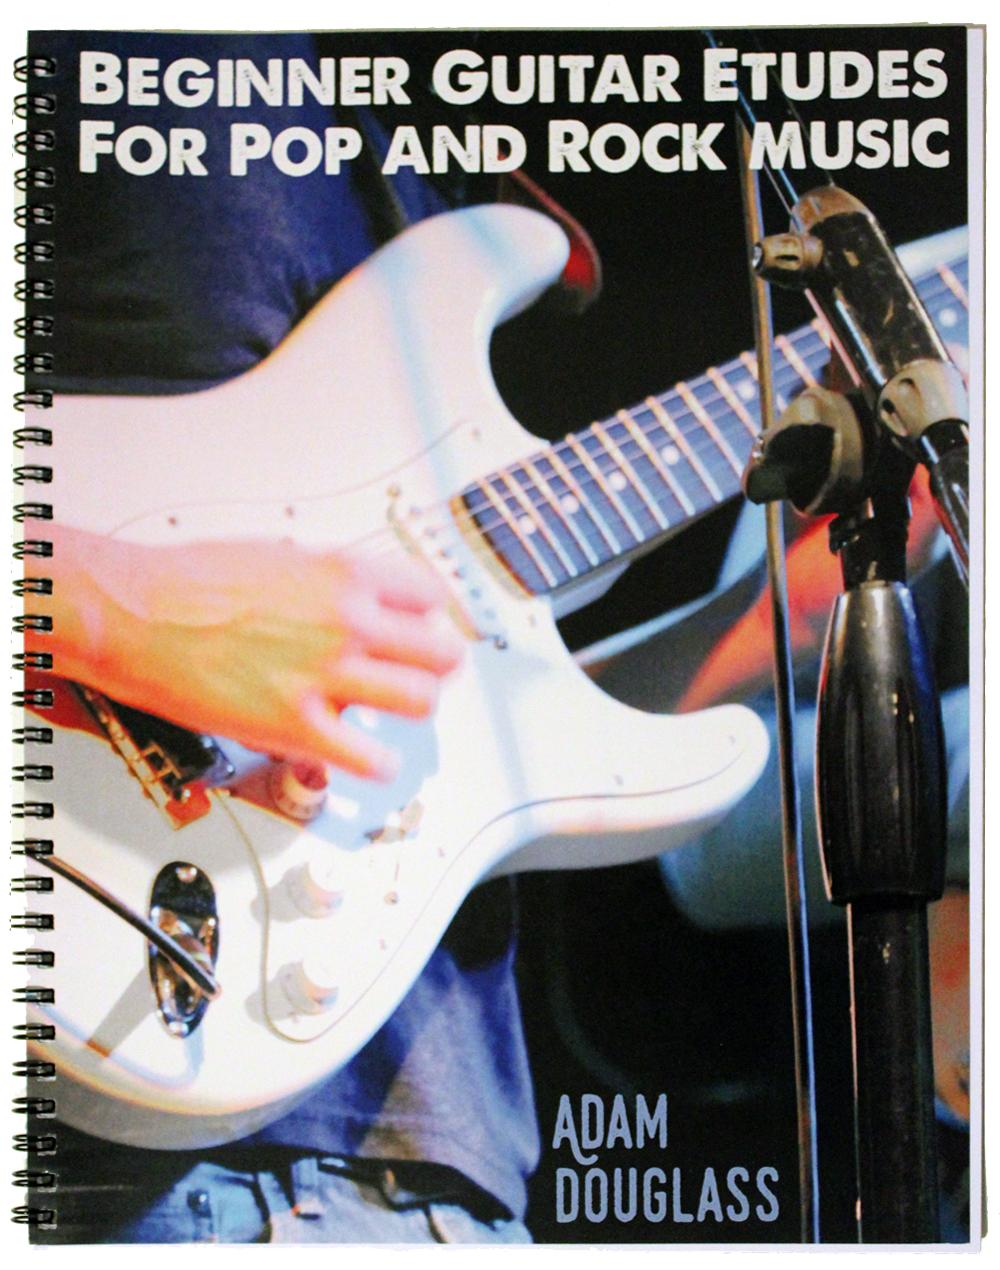 Beginner-Guitar-Etudes-for-Pop-and-Rock-Music-by-Adam-Douglass-4.jpg